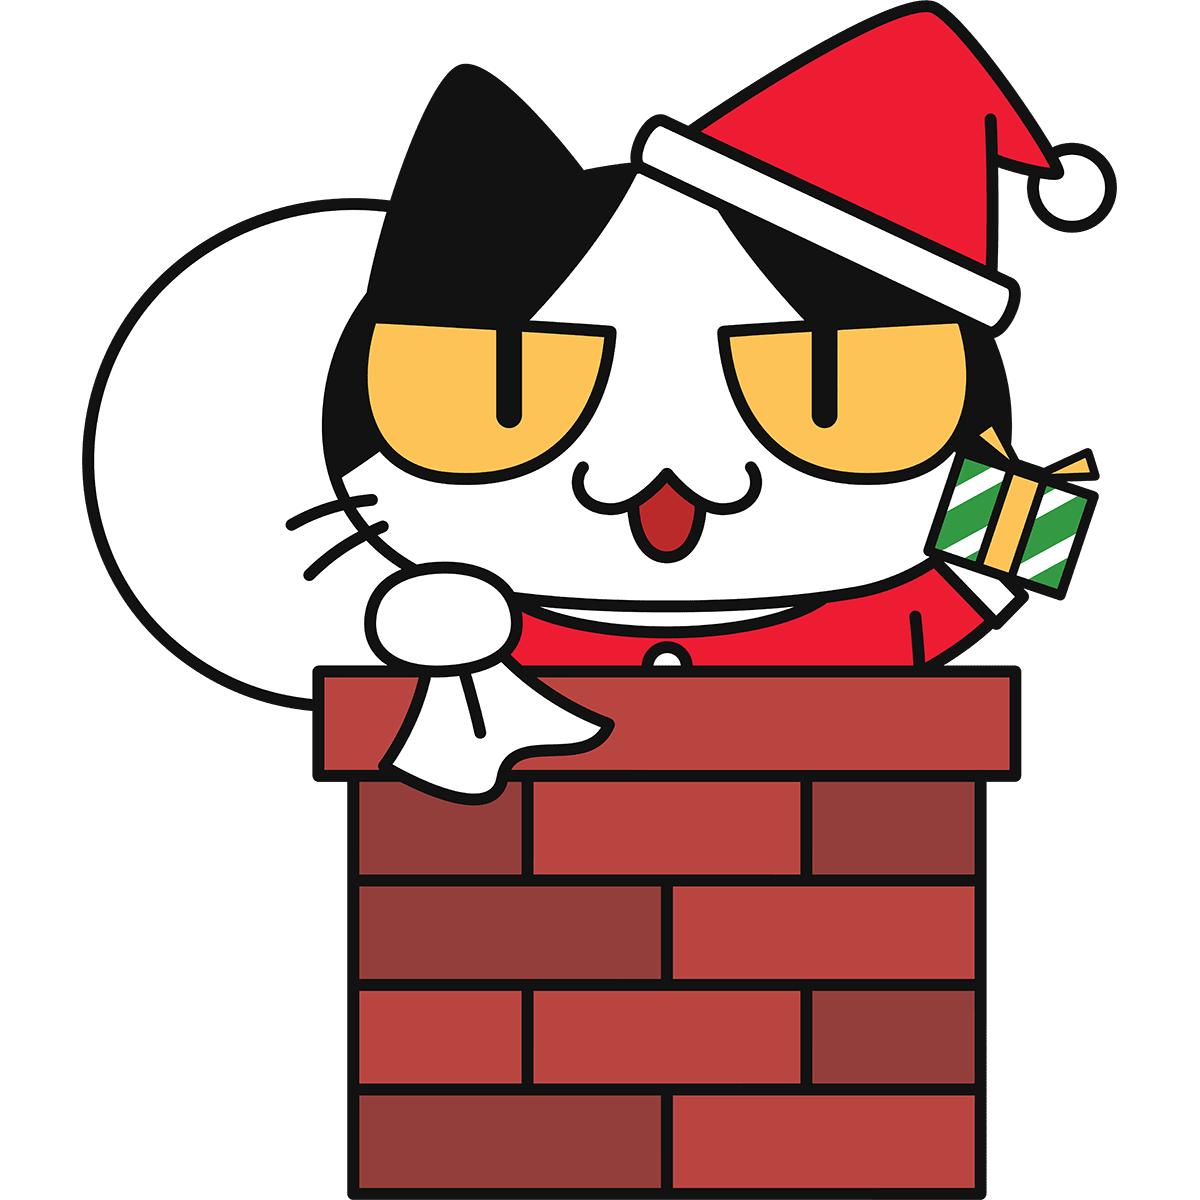 煙突に入る猫サンタの無料イラスト